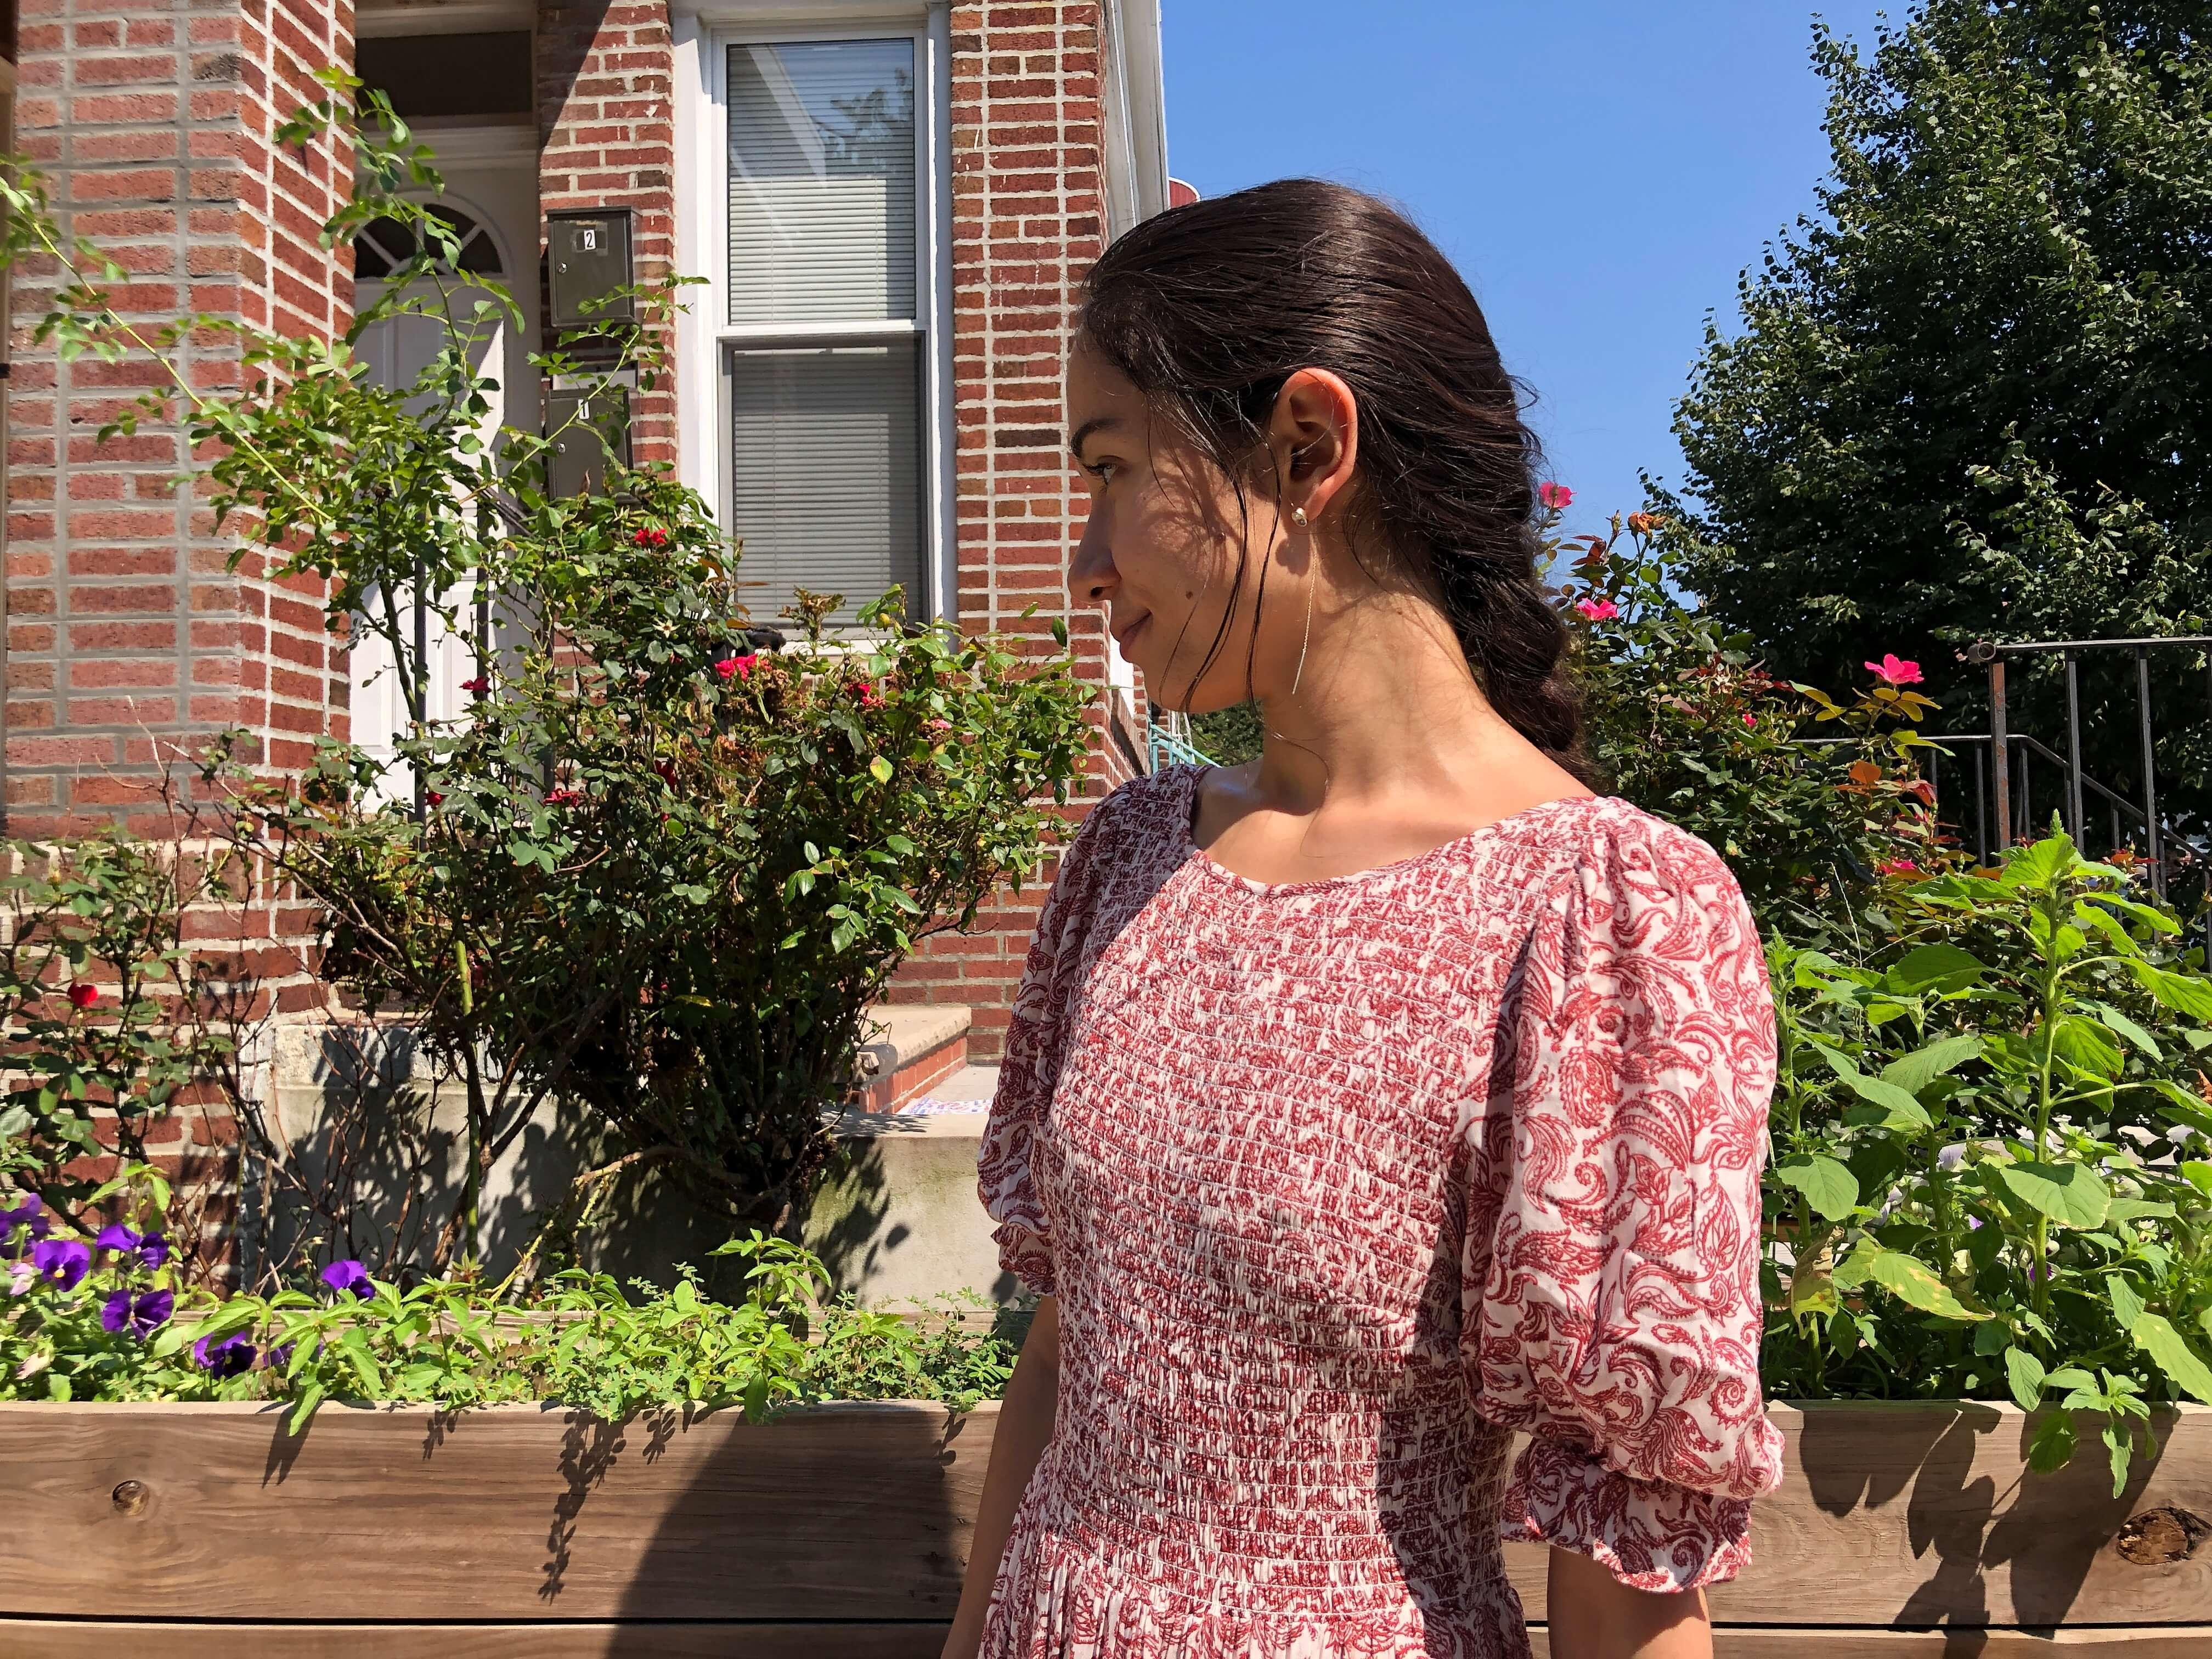 【私たちのサスティナブルVol.7】ファッションをサスティナブルな目線で楽しむベイカー恵利沙さん